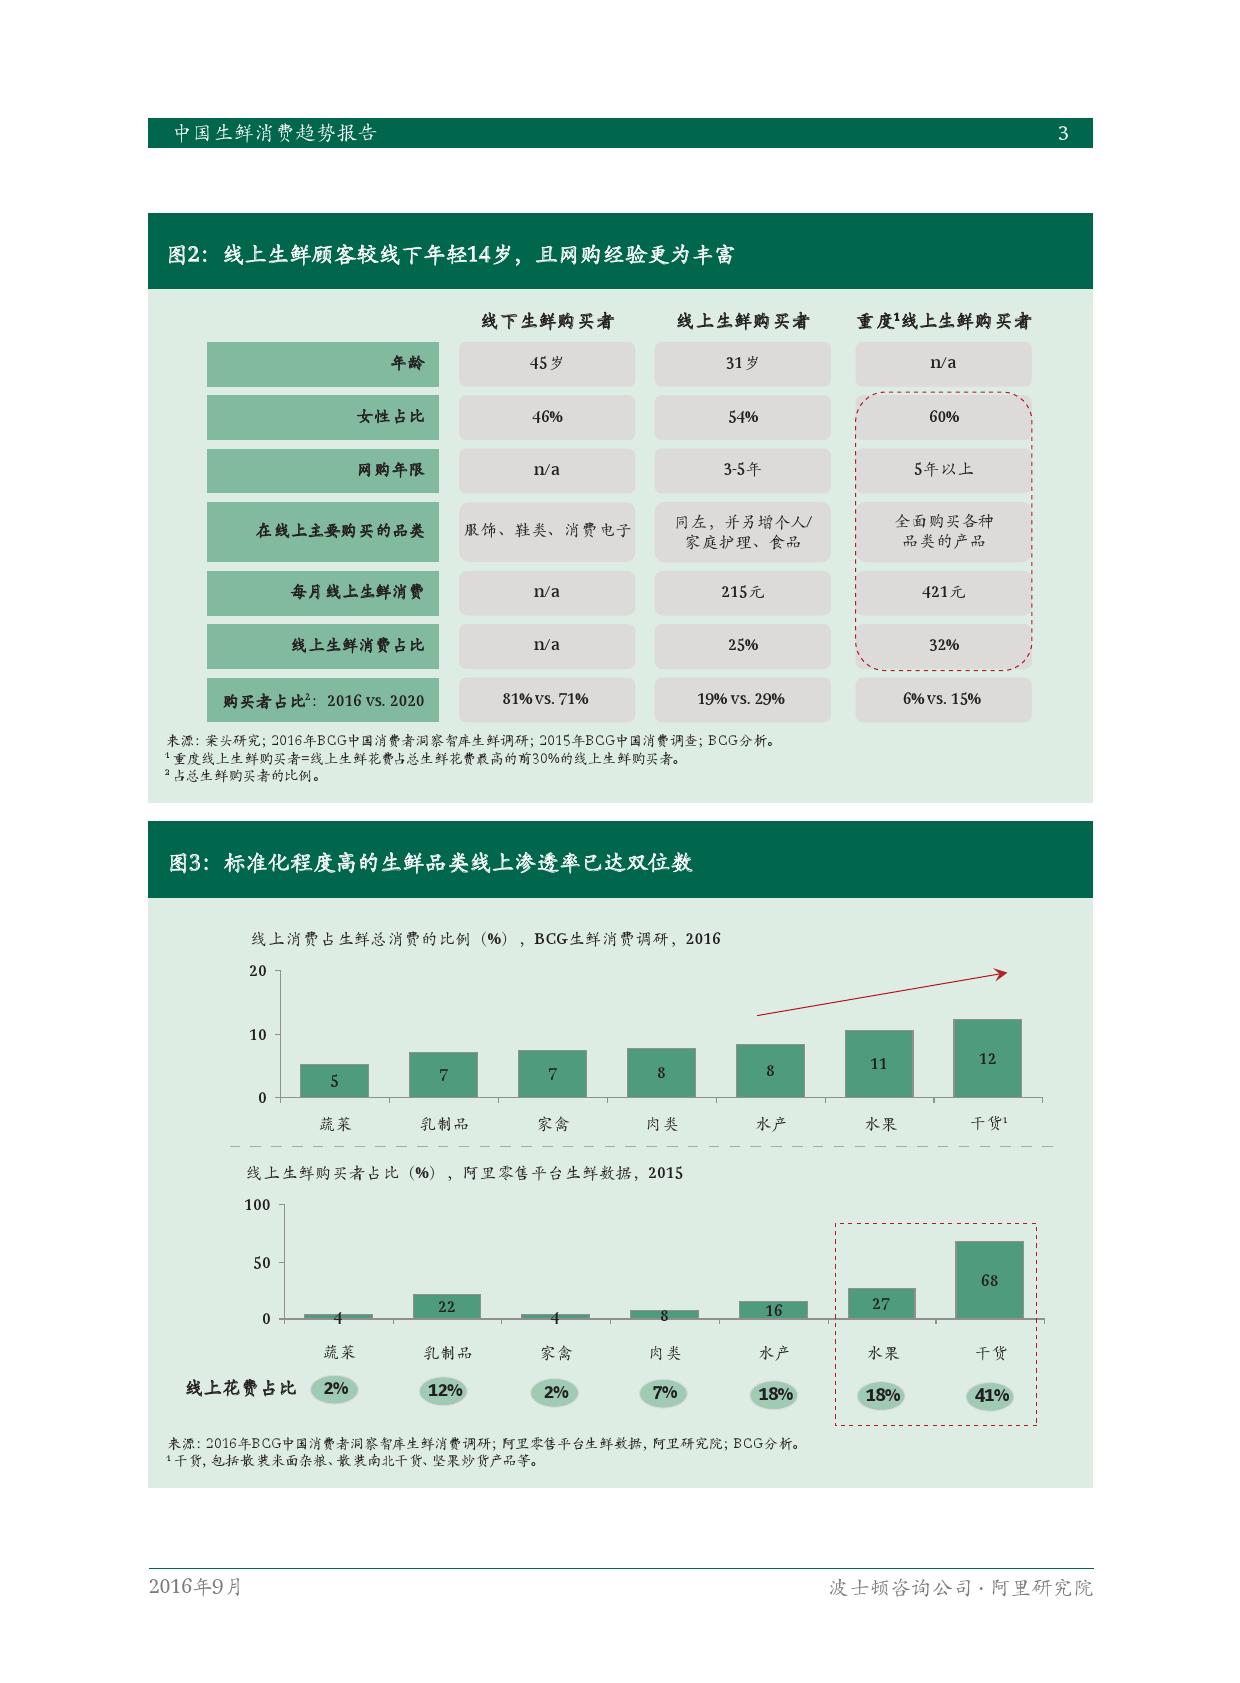 2016年中国生鲜消费趋势报告_000005